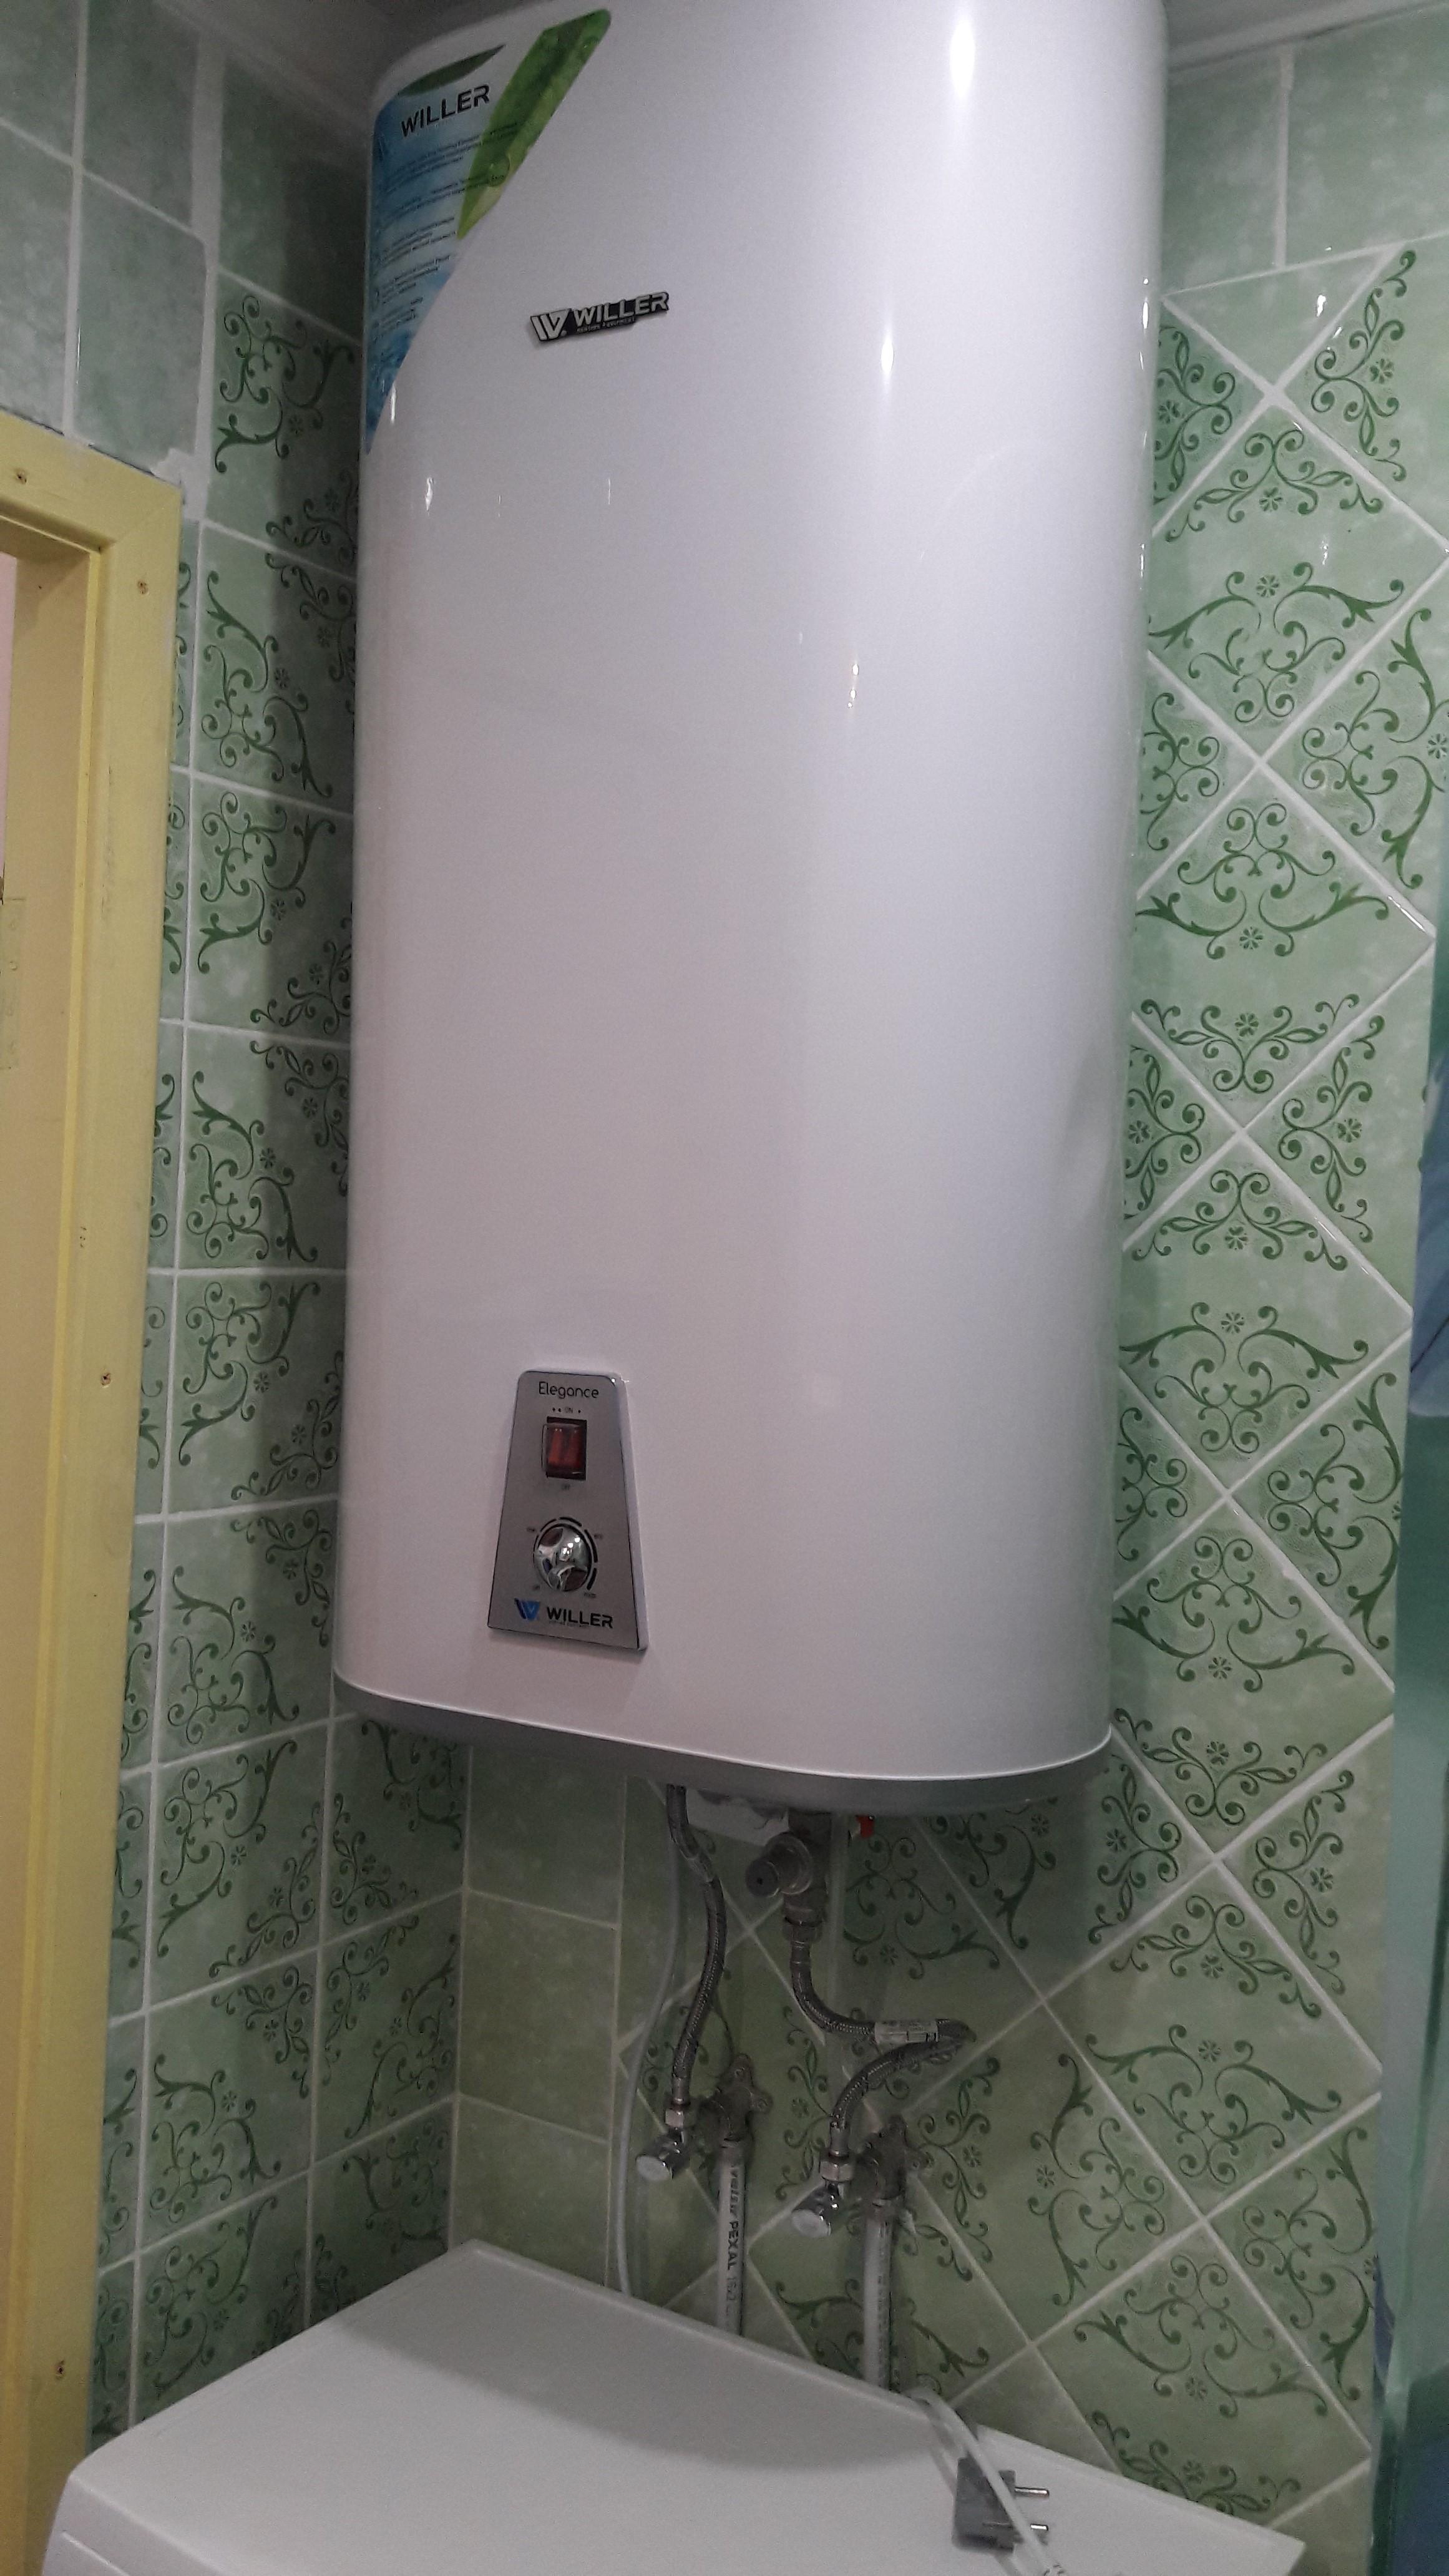 Фото качественная установка с гарантией бойлеров,стиральных машин и многое другое.